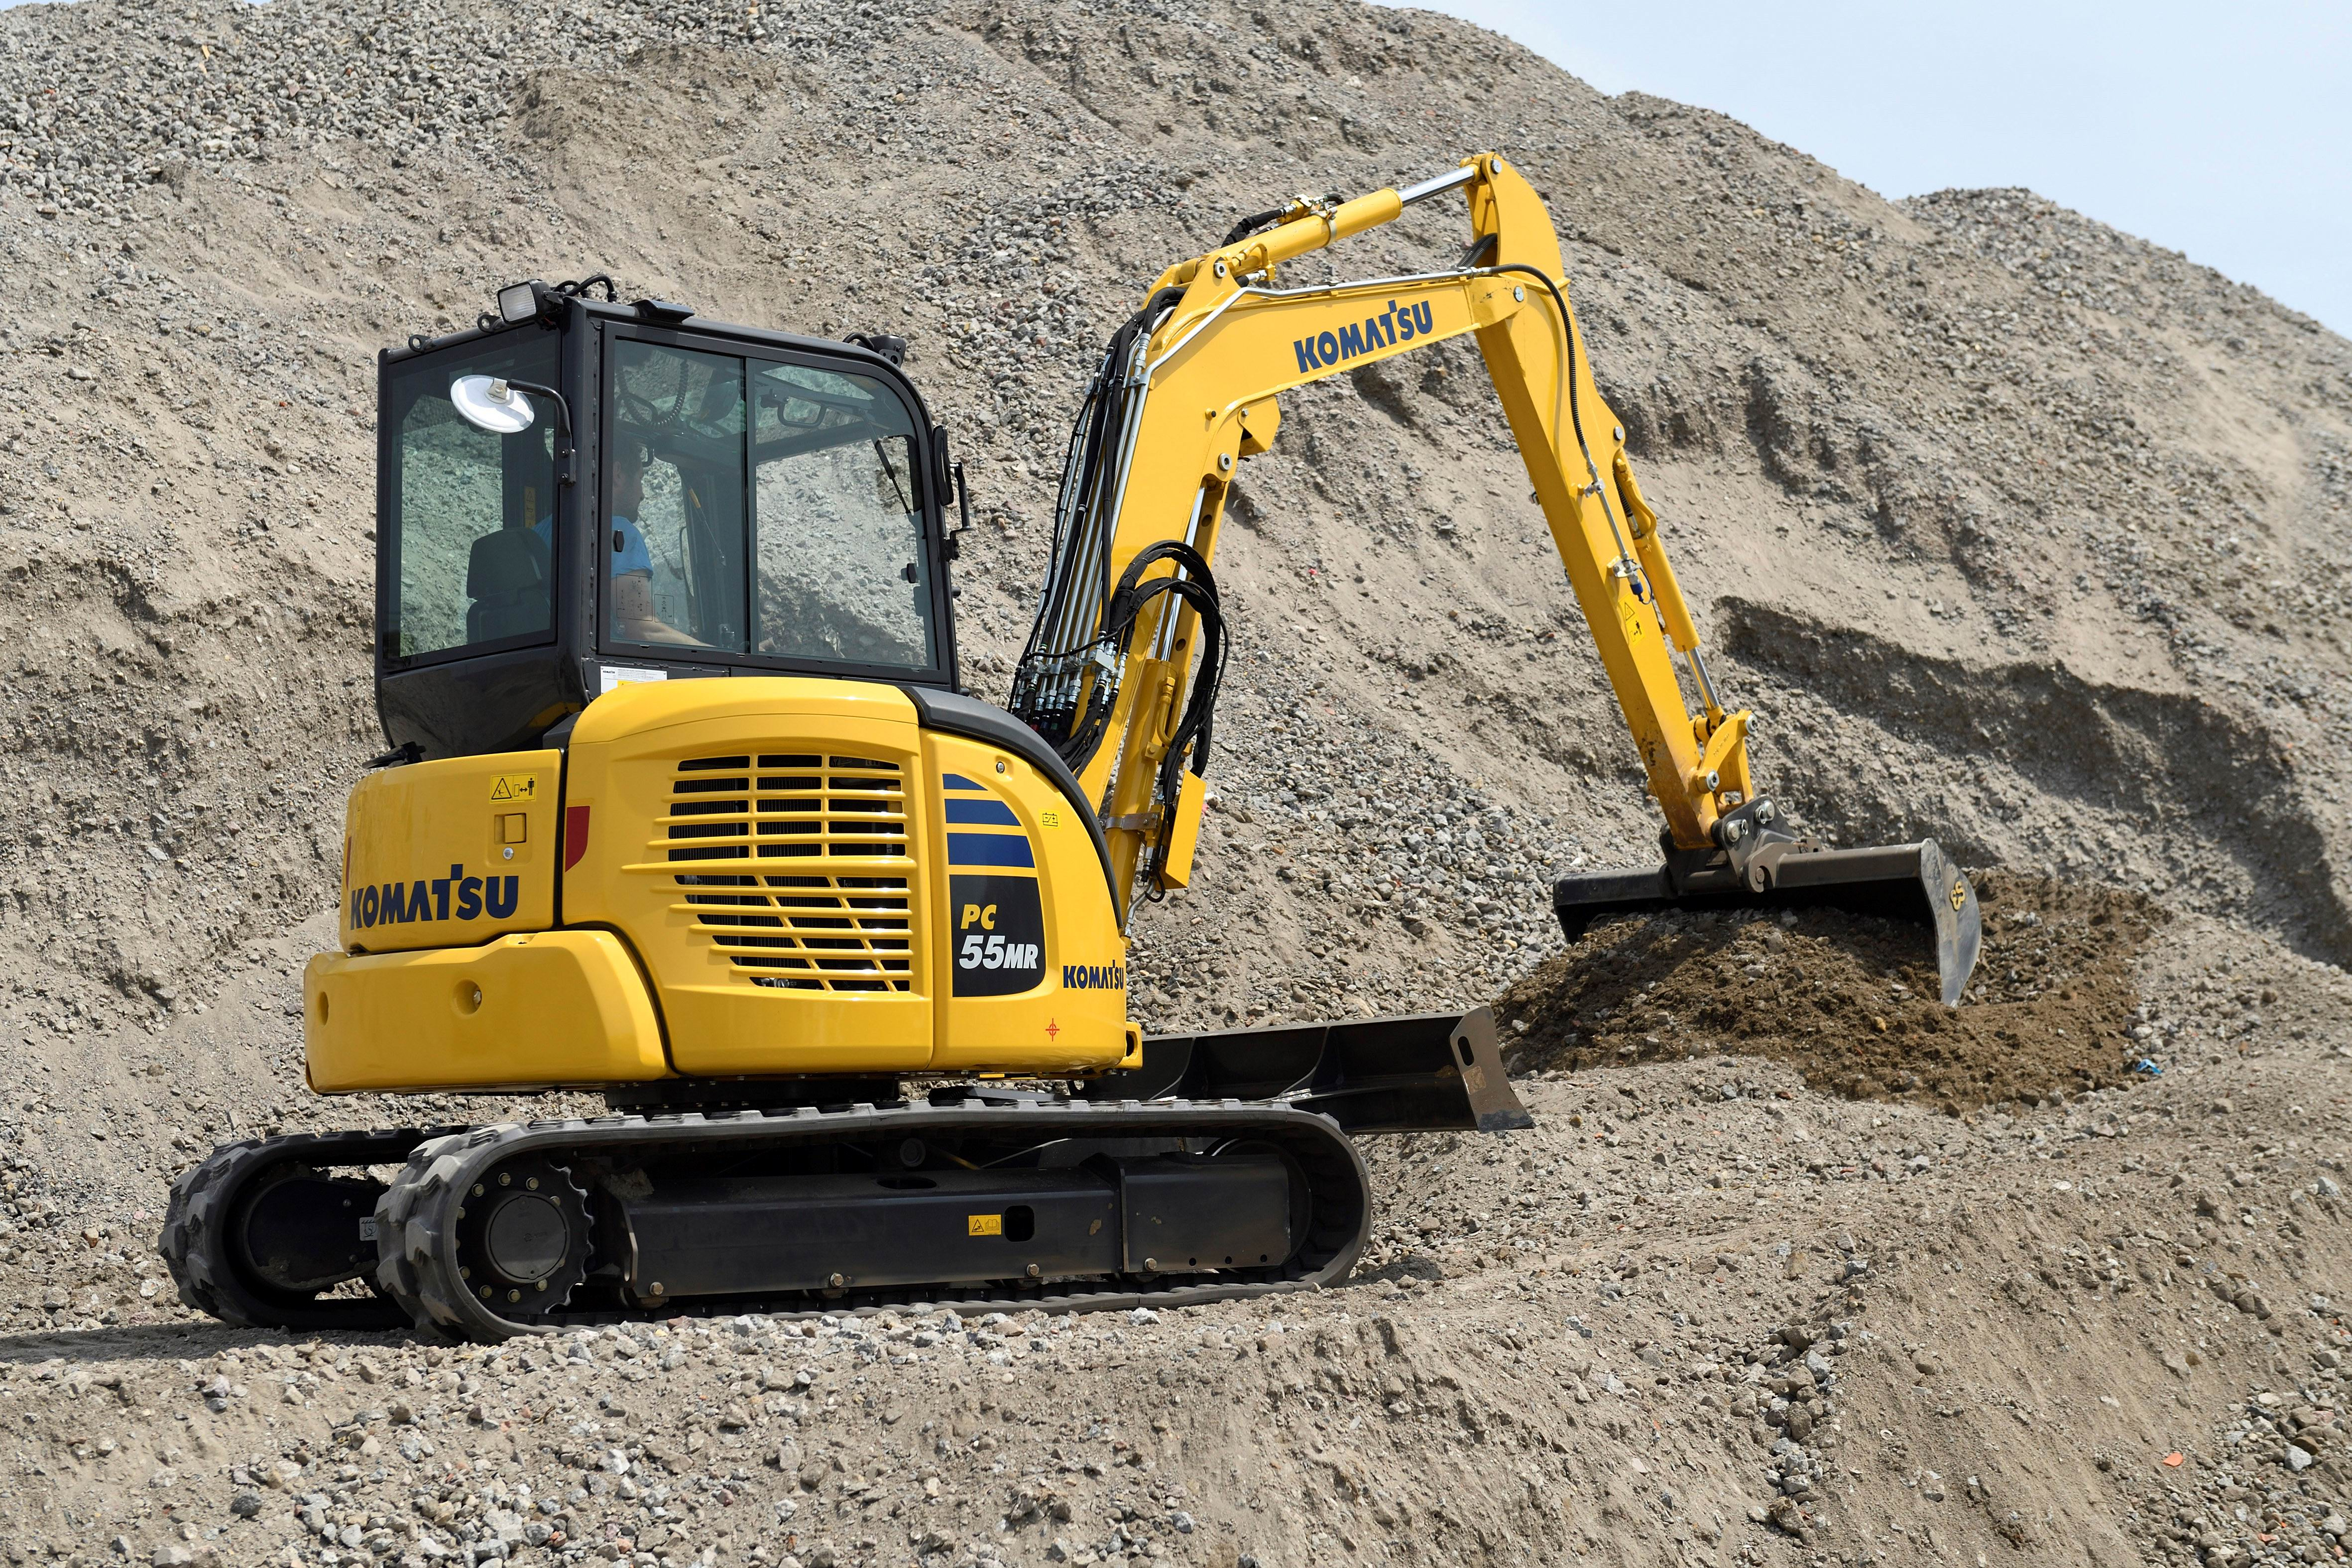 Komatsu PC55MR Excavator